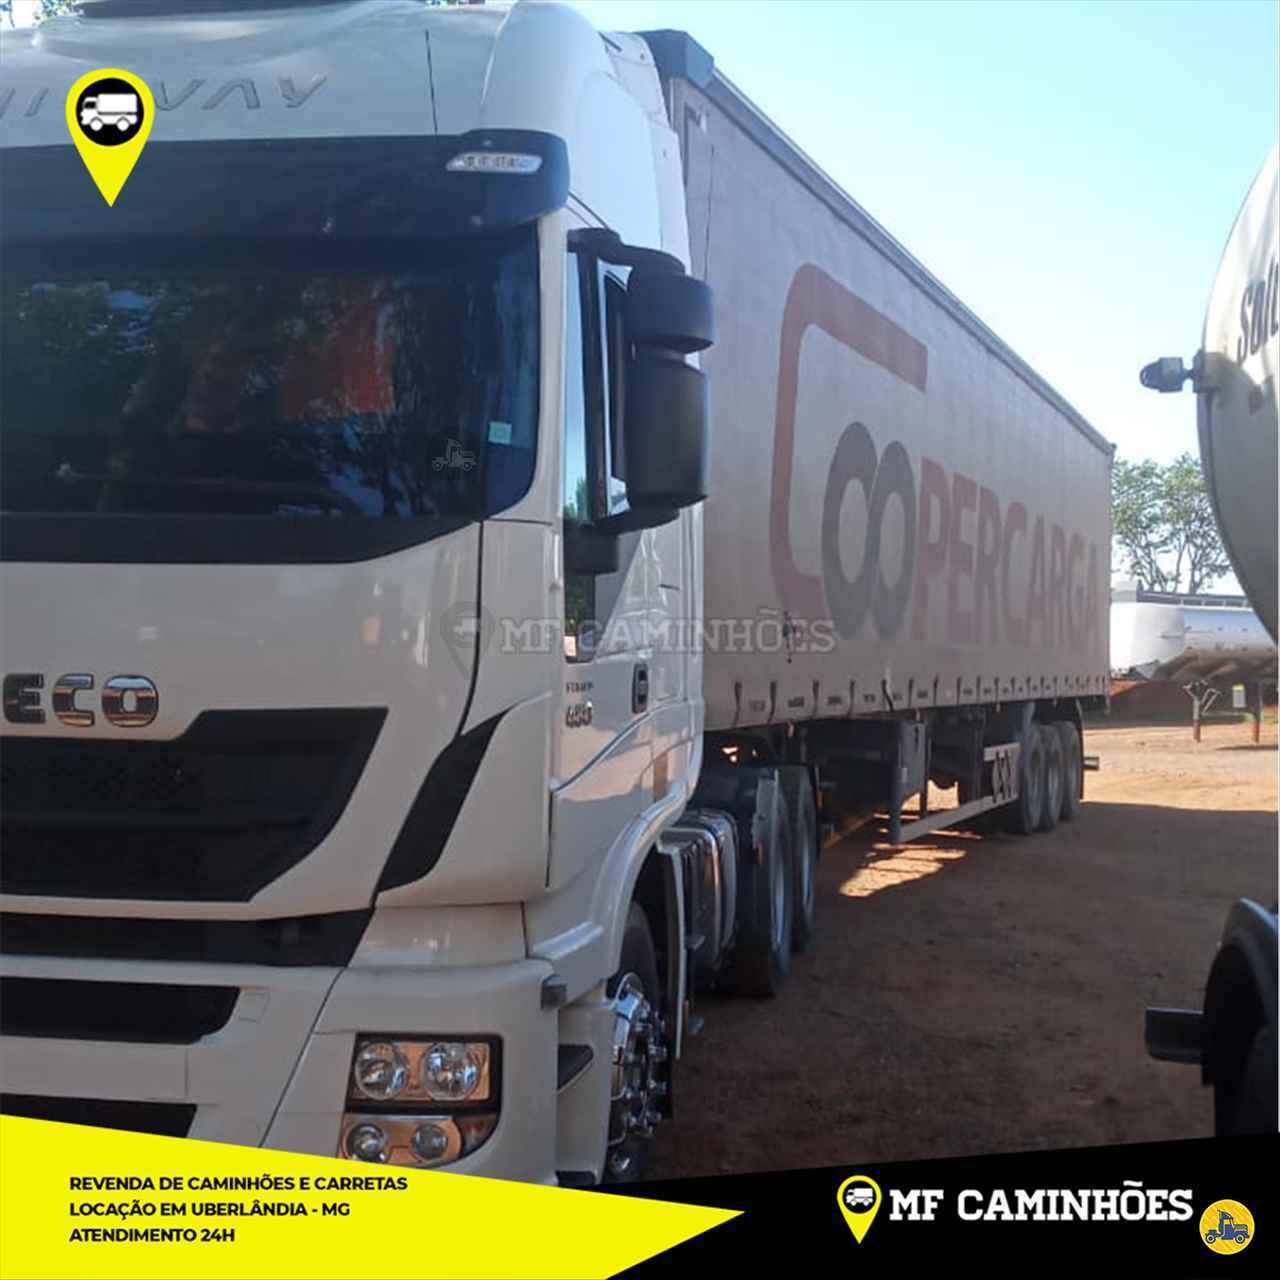 CAMINHAO IVECO STRALIS 480 Cavalo Mecânico Traçado 6x4 MF Caminhões UBERLANDIA MINAS GERAIS MG